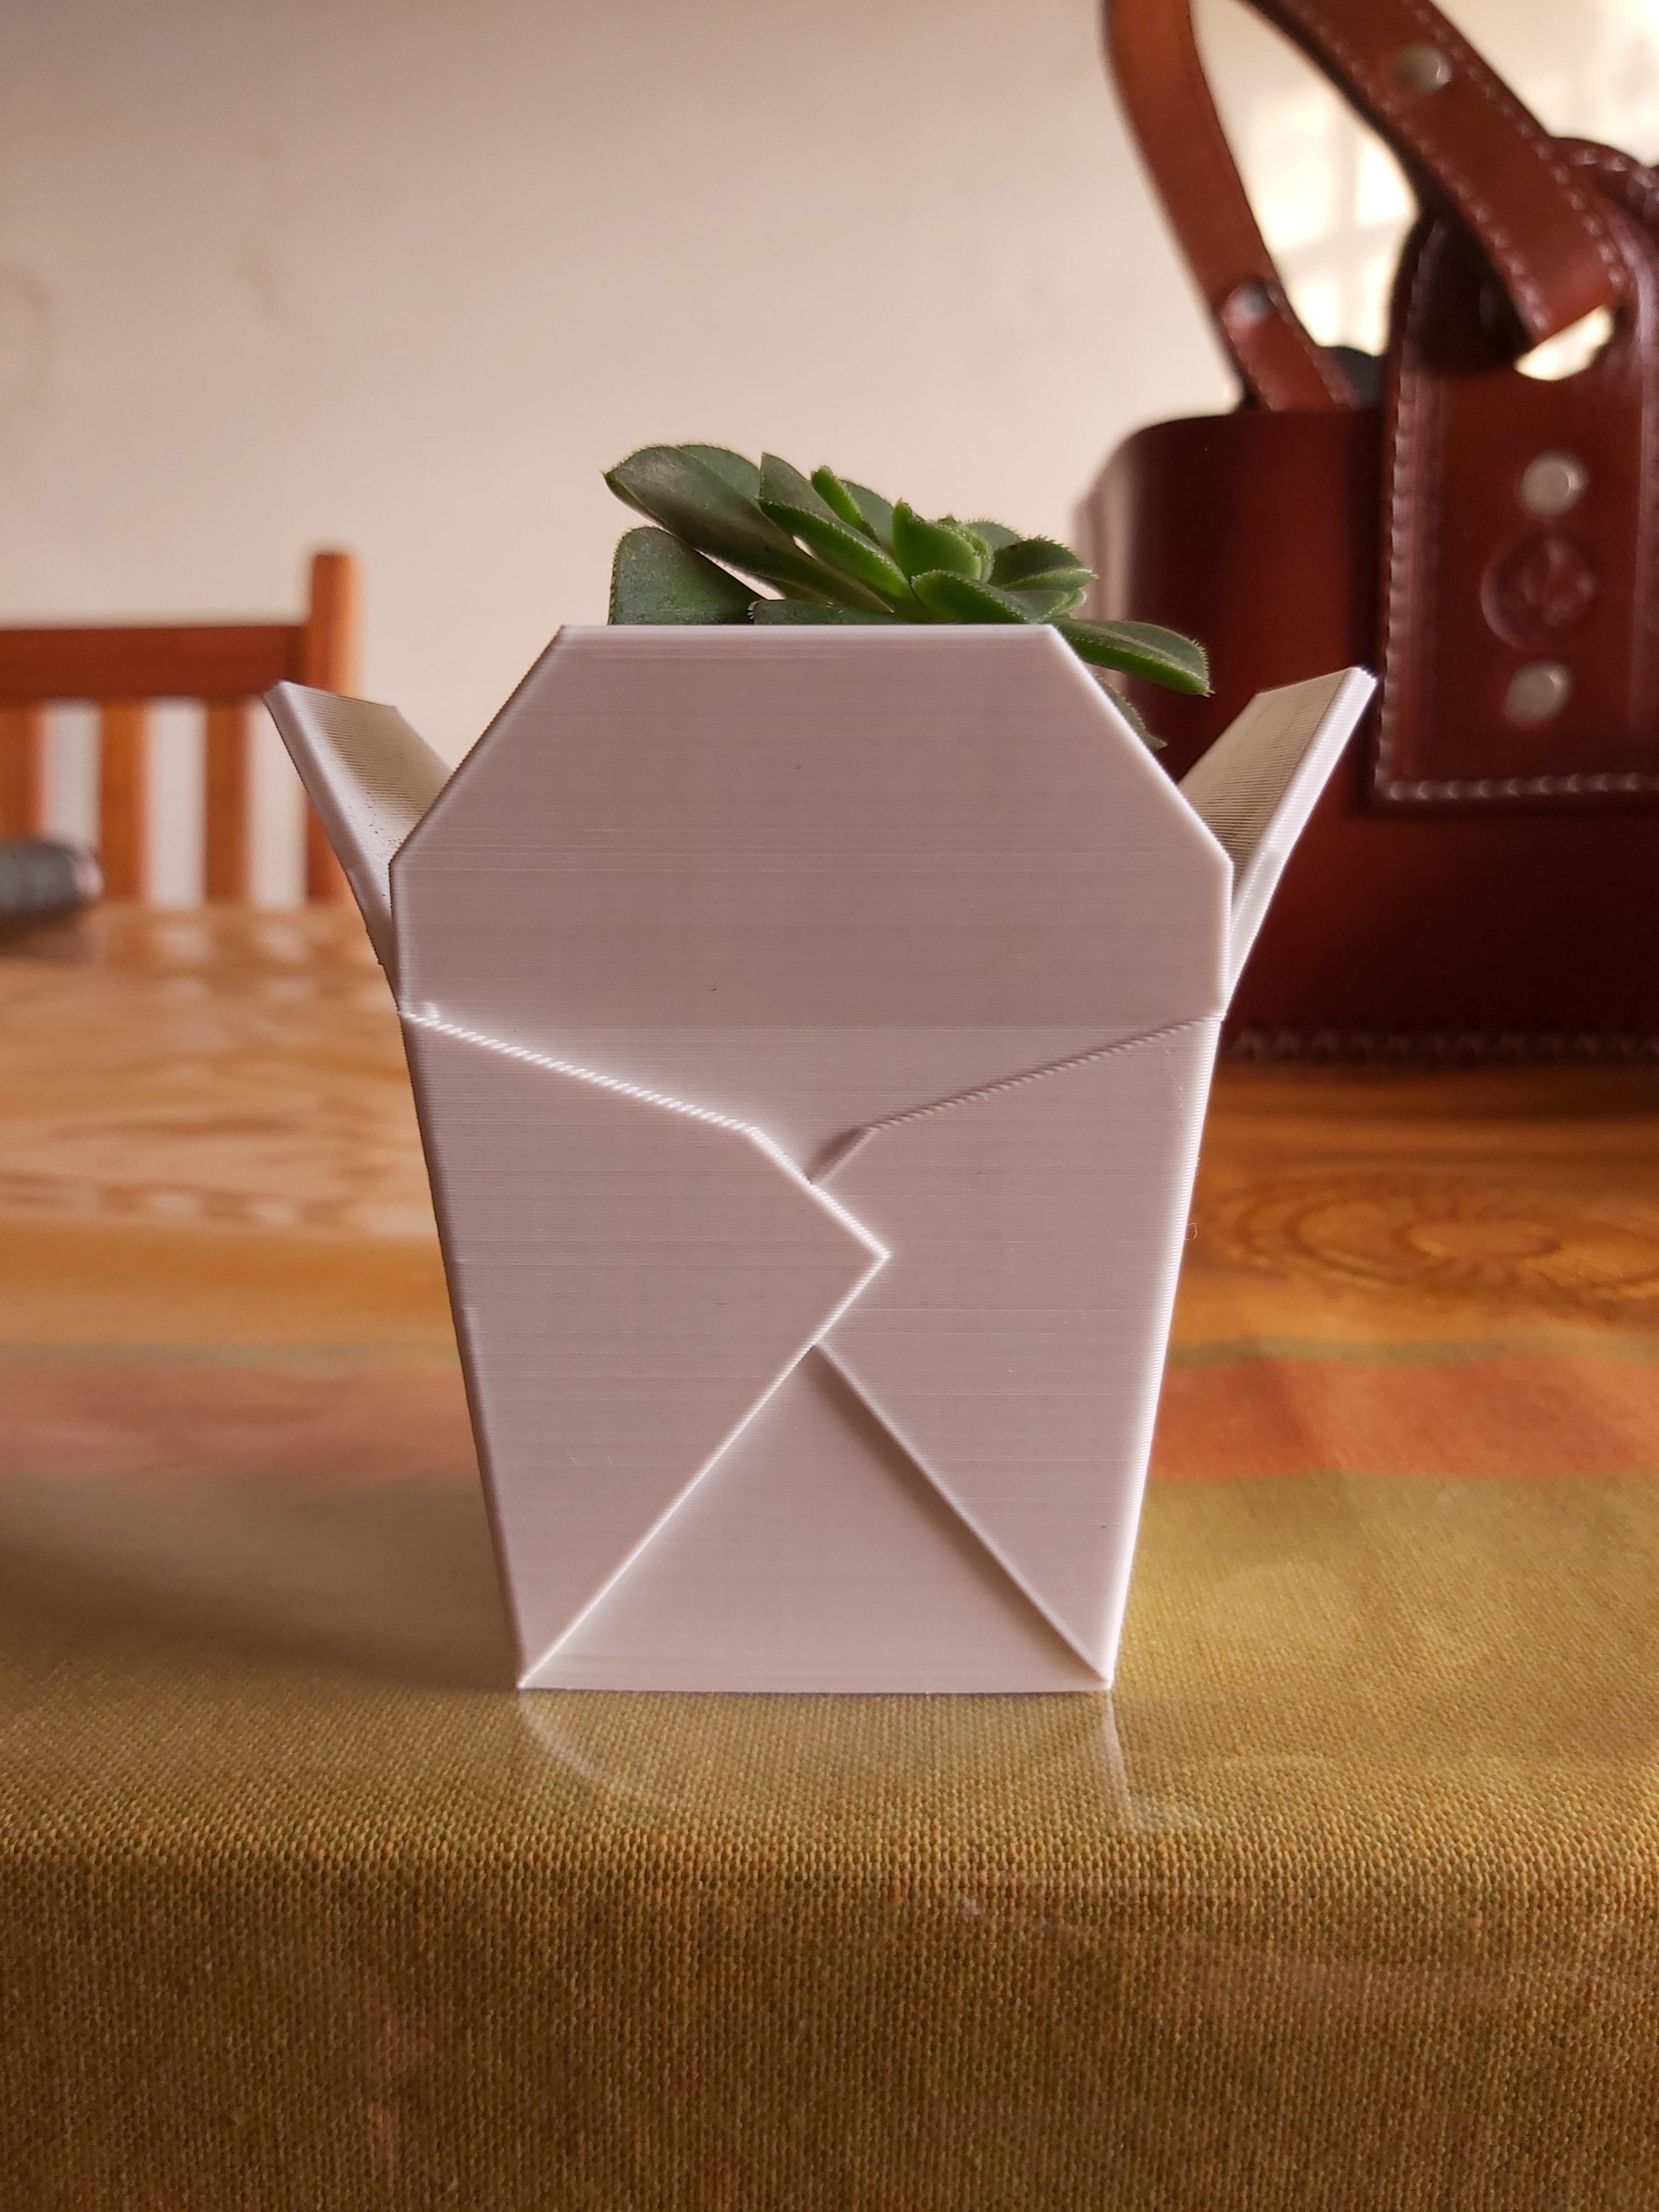 bis.jpg Télécharger fichier STL Boîte à emporter chinoise, succulent PLANTER • Design imprimable en 3D, nachitox